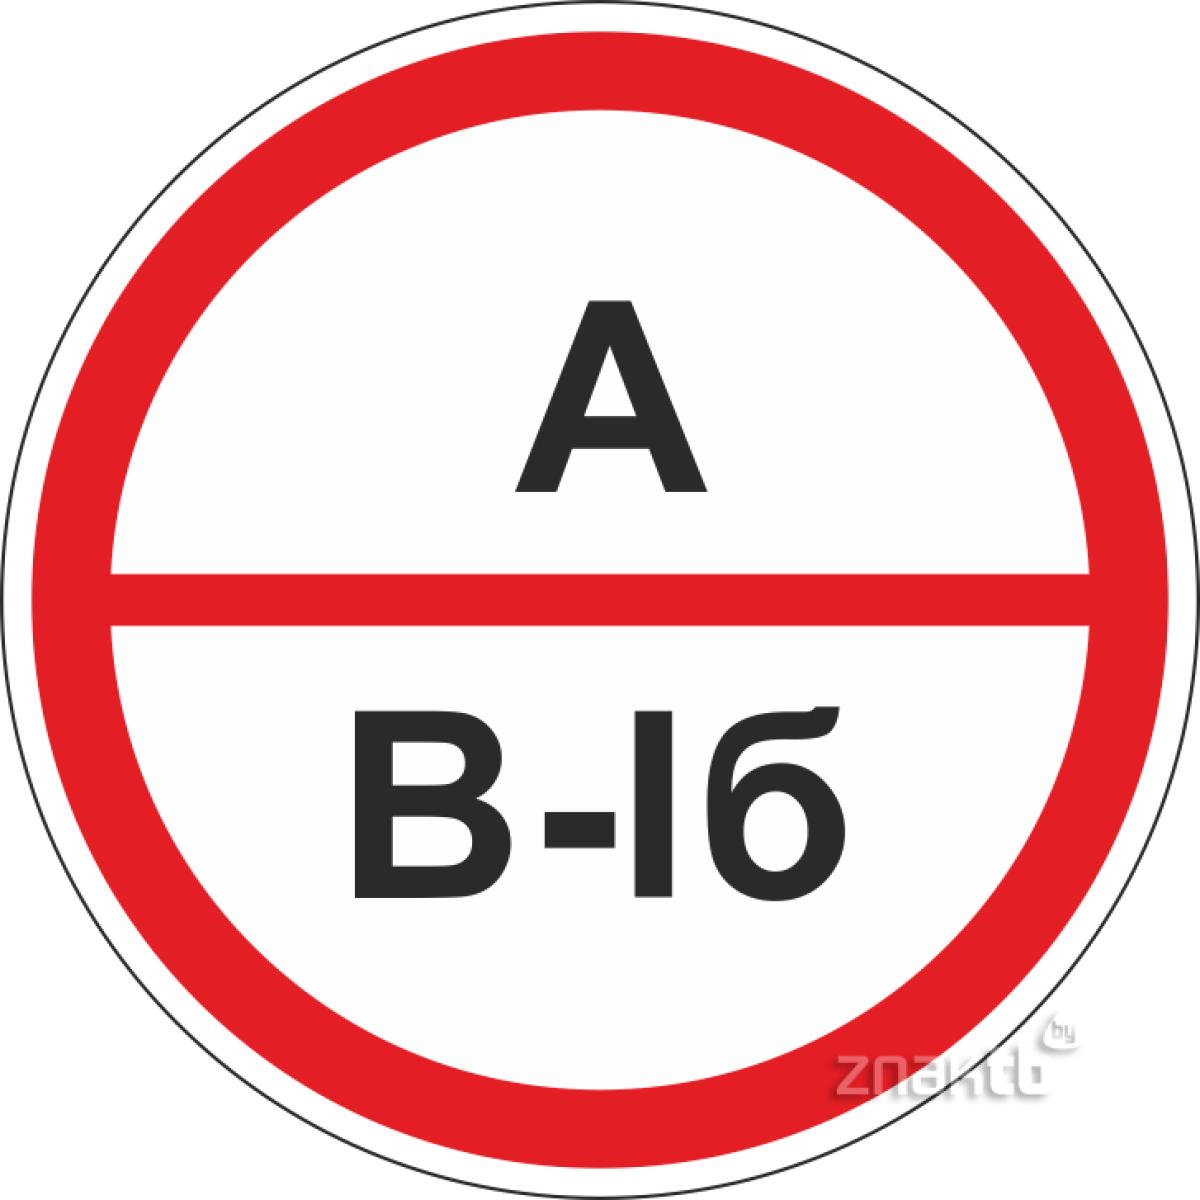 Знак А/В1б – повышенная взрывопожароопасность.